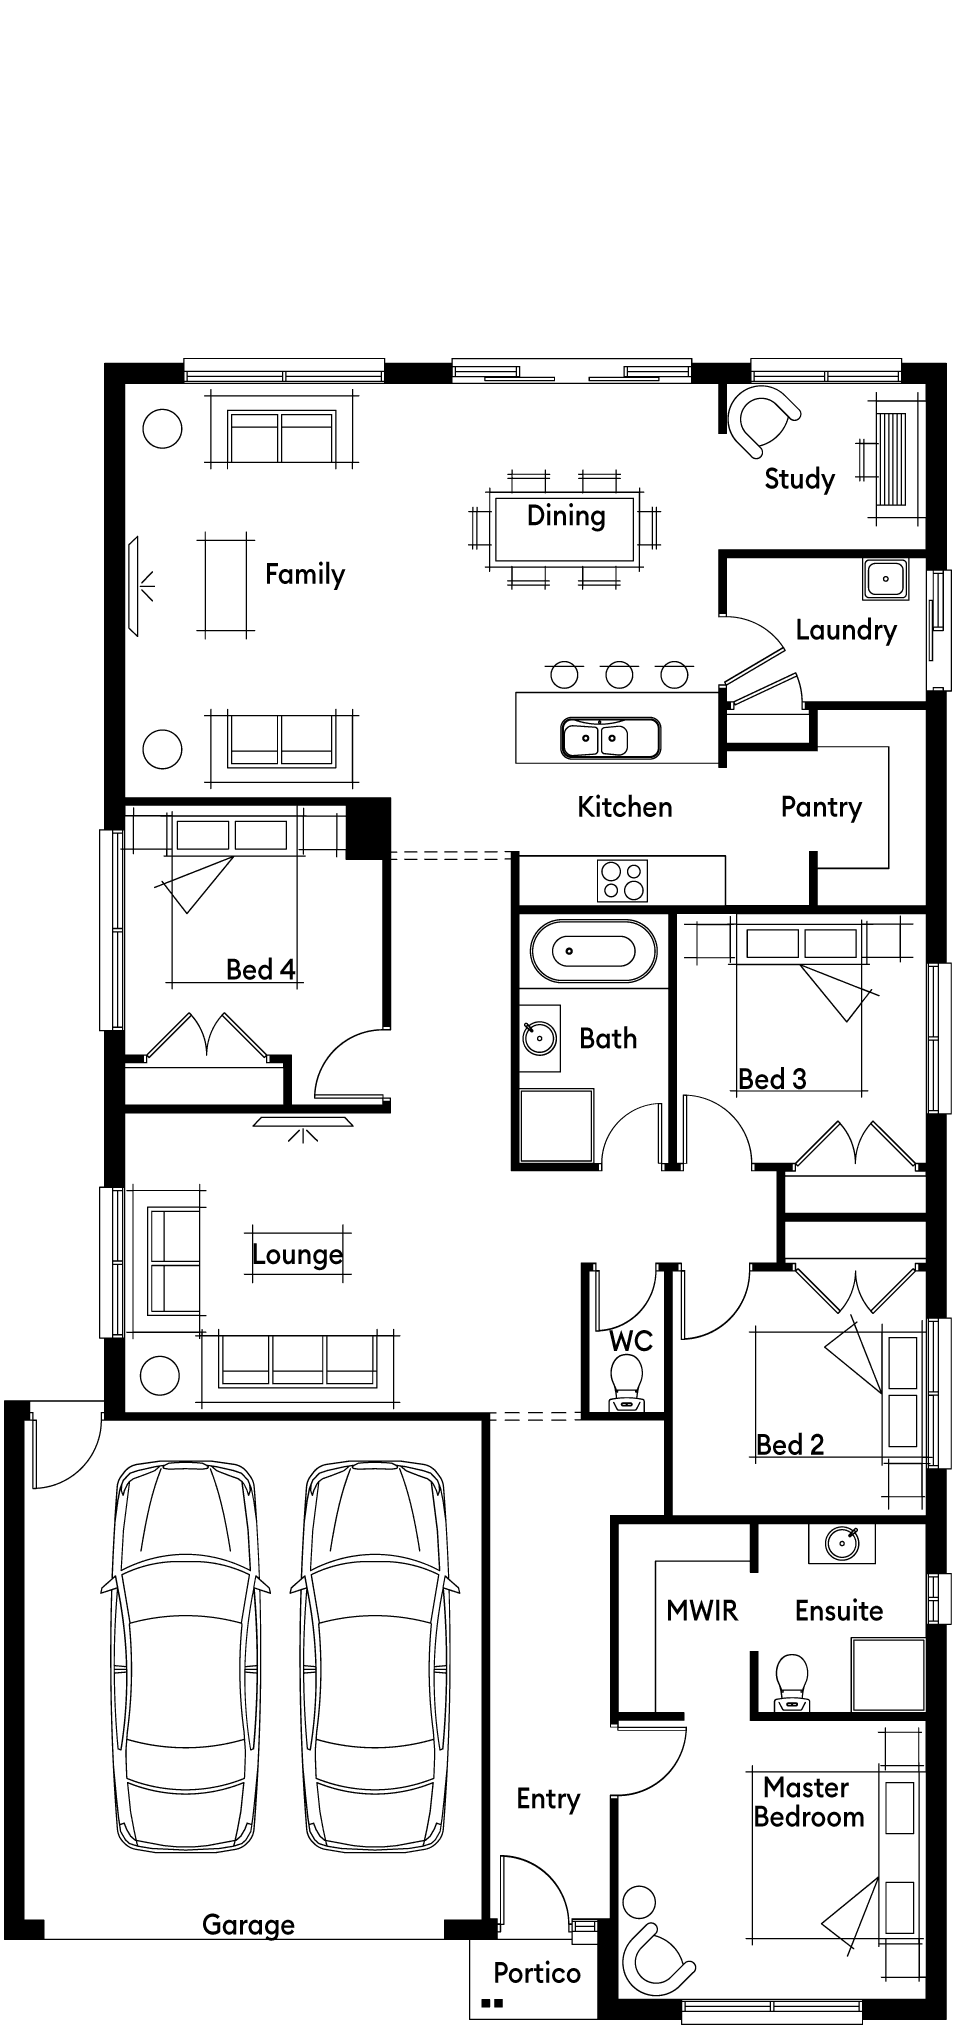 FloorPlan1_HOUSE760_Lamont_22-5